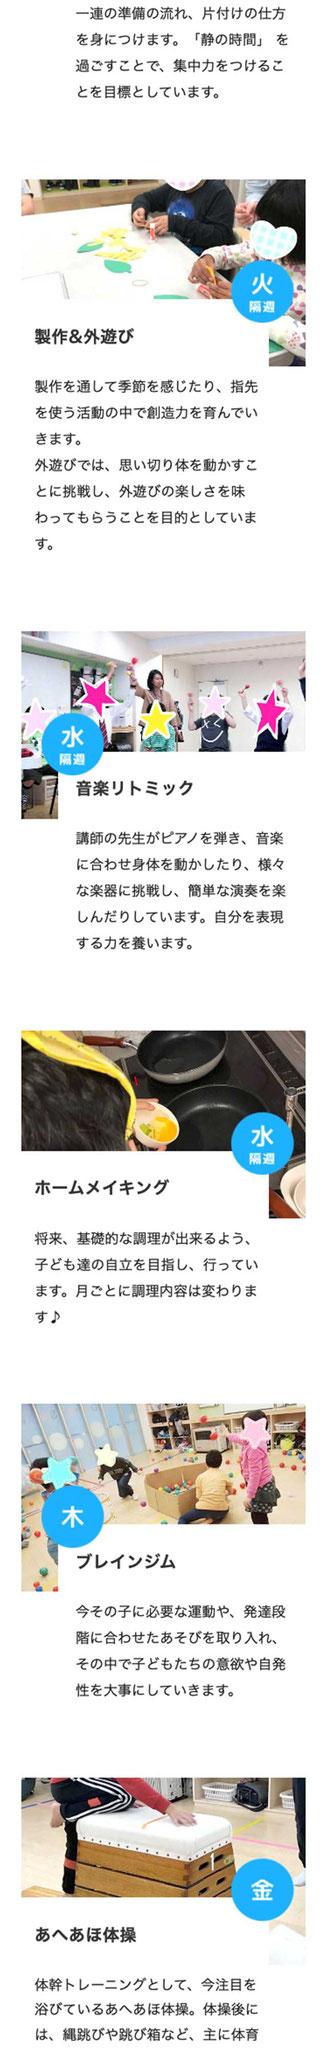 「キッズアシスト北円山」ページのモバイル表示3